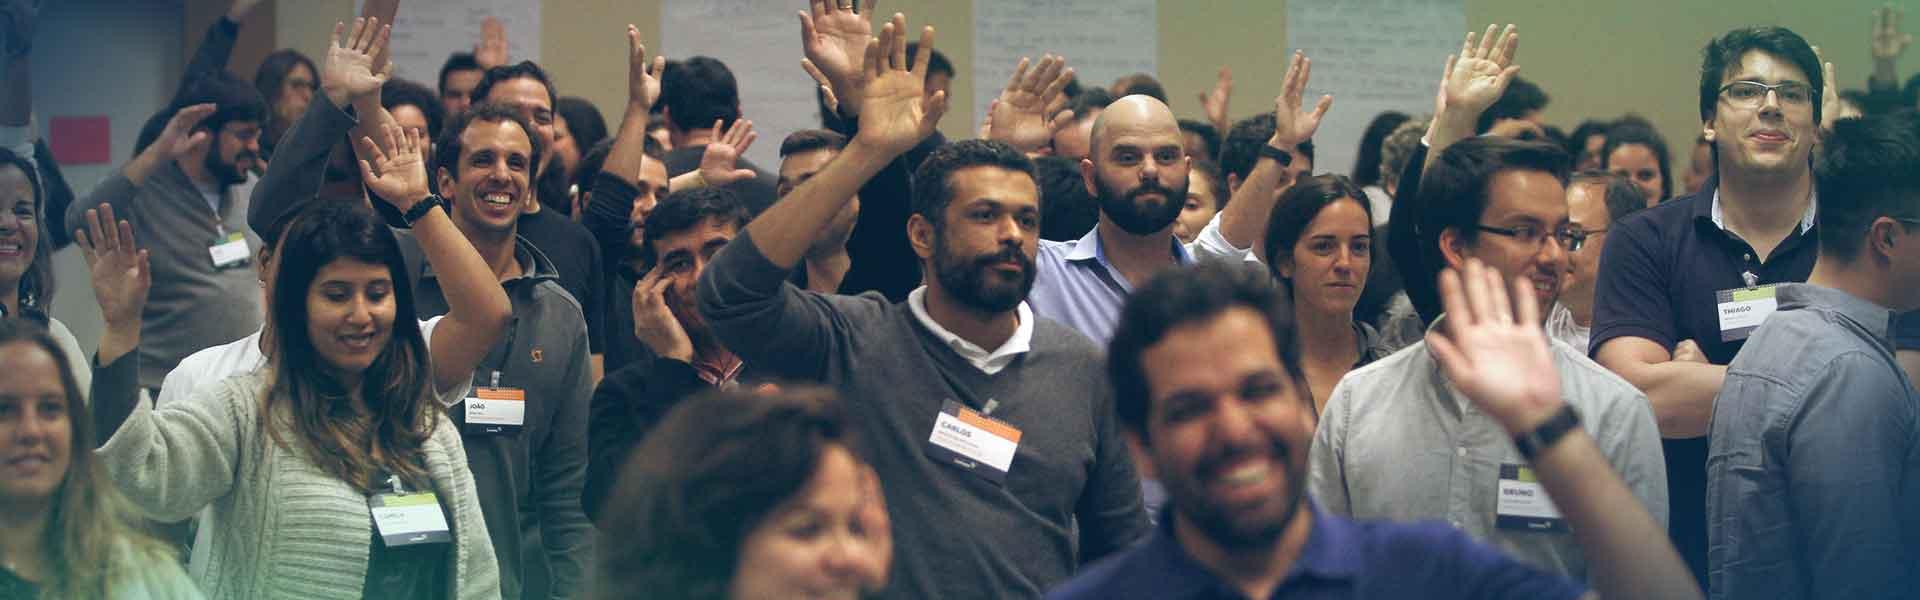 Fazendo a Diferença - Somando ideias para melhorar o Brasil